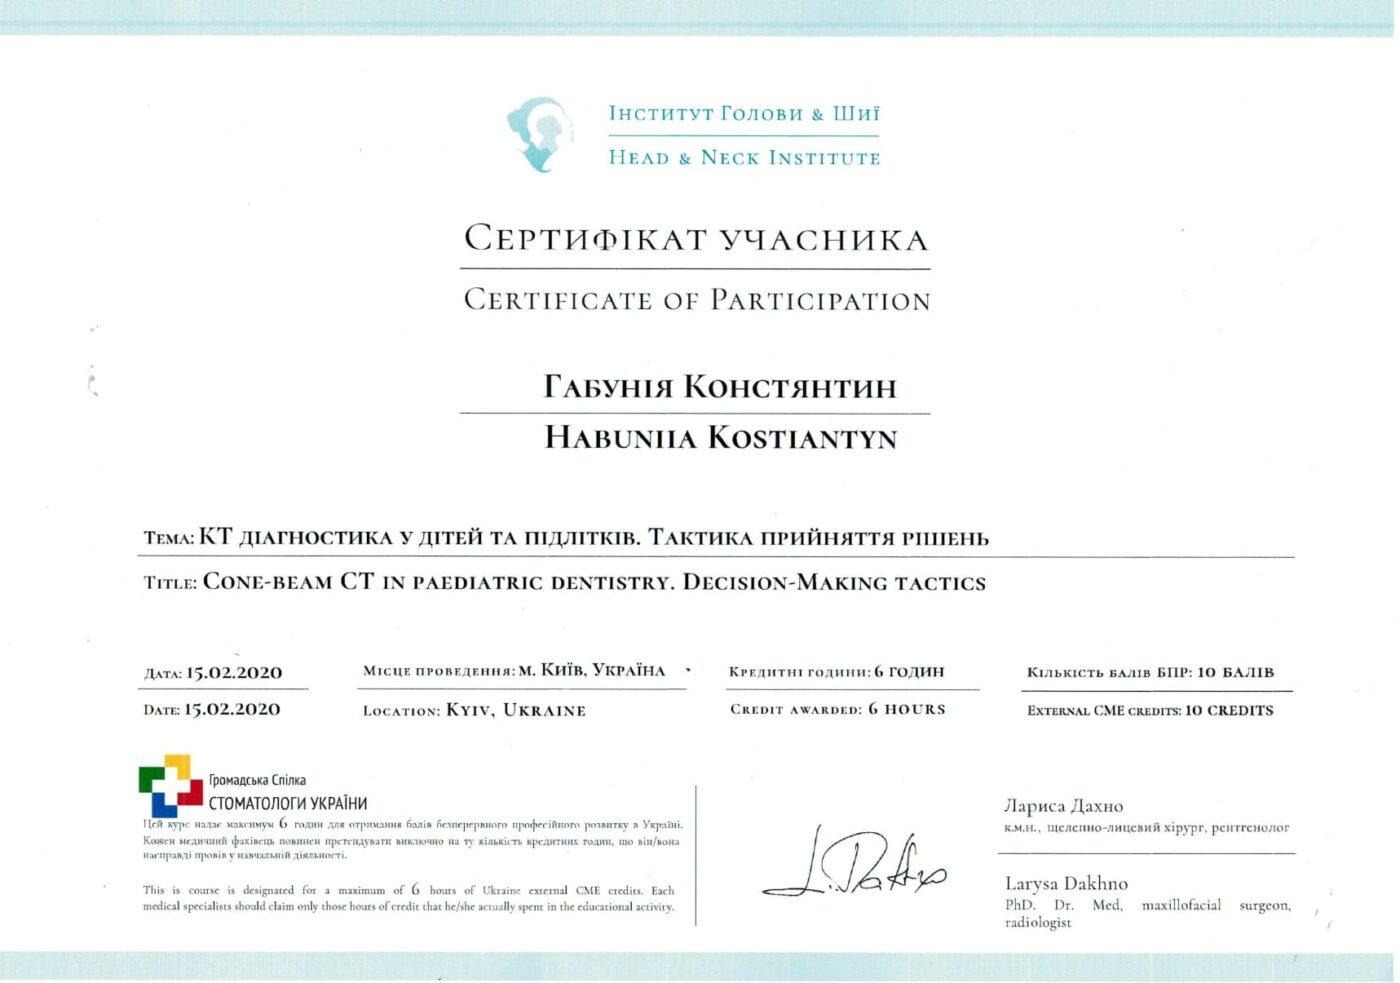 Сертифікат дитячого лікаря стоматолога Габунії Константина Павловича об участі у курсі (КТ діагностика у дітей та підлітків. Тактика прийняття рішень)